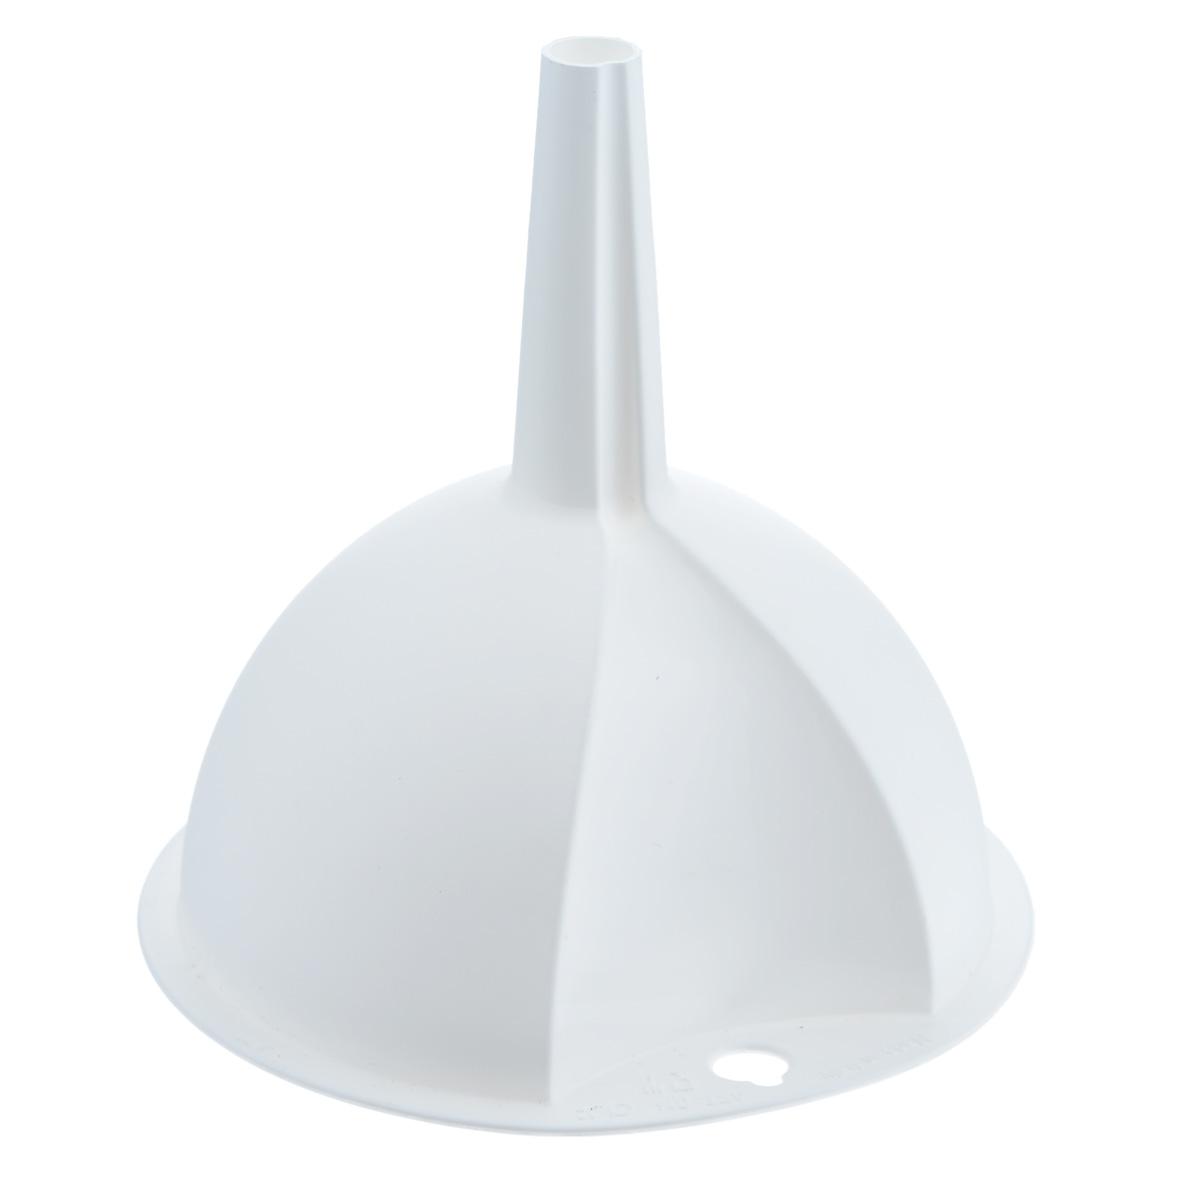 Воронка Metaltex, цвет: белый, диаметр 10 см18.40.10Воронка Metaltex, выполненная из пластика, станет незаменимым аксессуаром на вашей кухне. Воронка плотно прилегает к краям наполняемой емкости, и вы не прольете ни капли мимо. Она отлично послужит для переливания жидкостей в сосуд с узким горлышком. Диаметр воронки: 10 см. Высота ножки: 5 см.